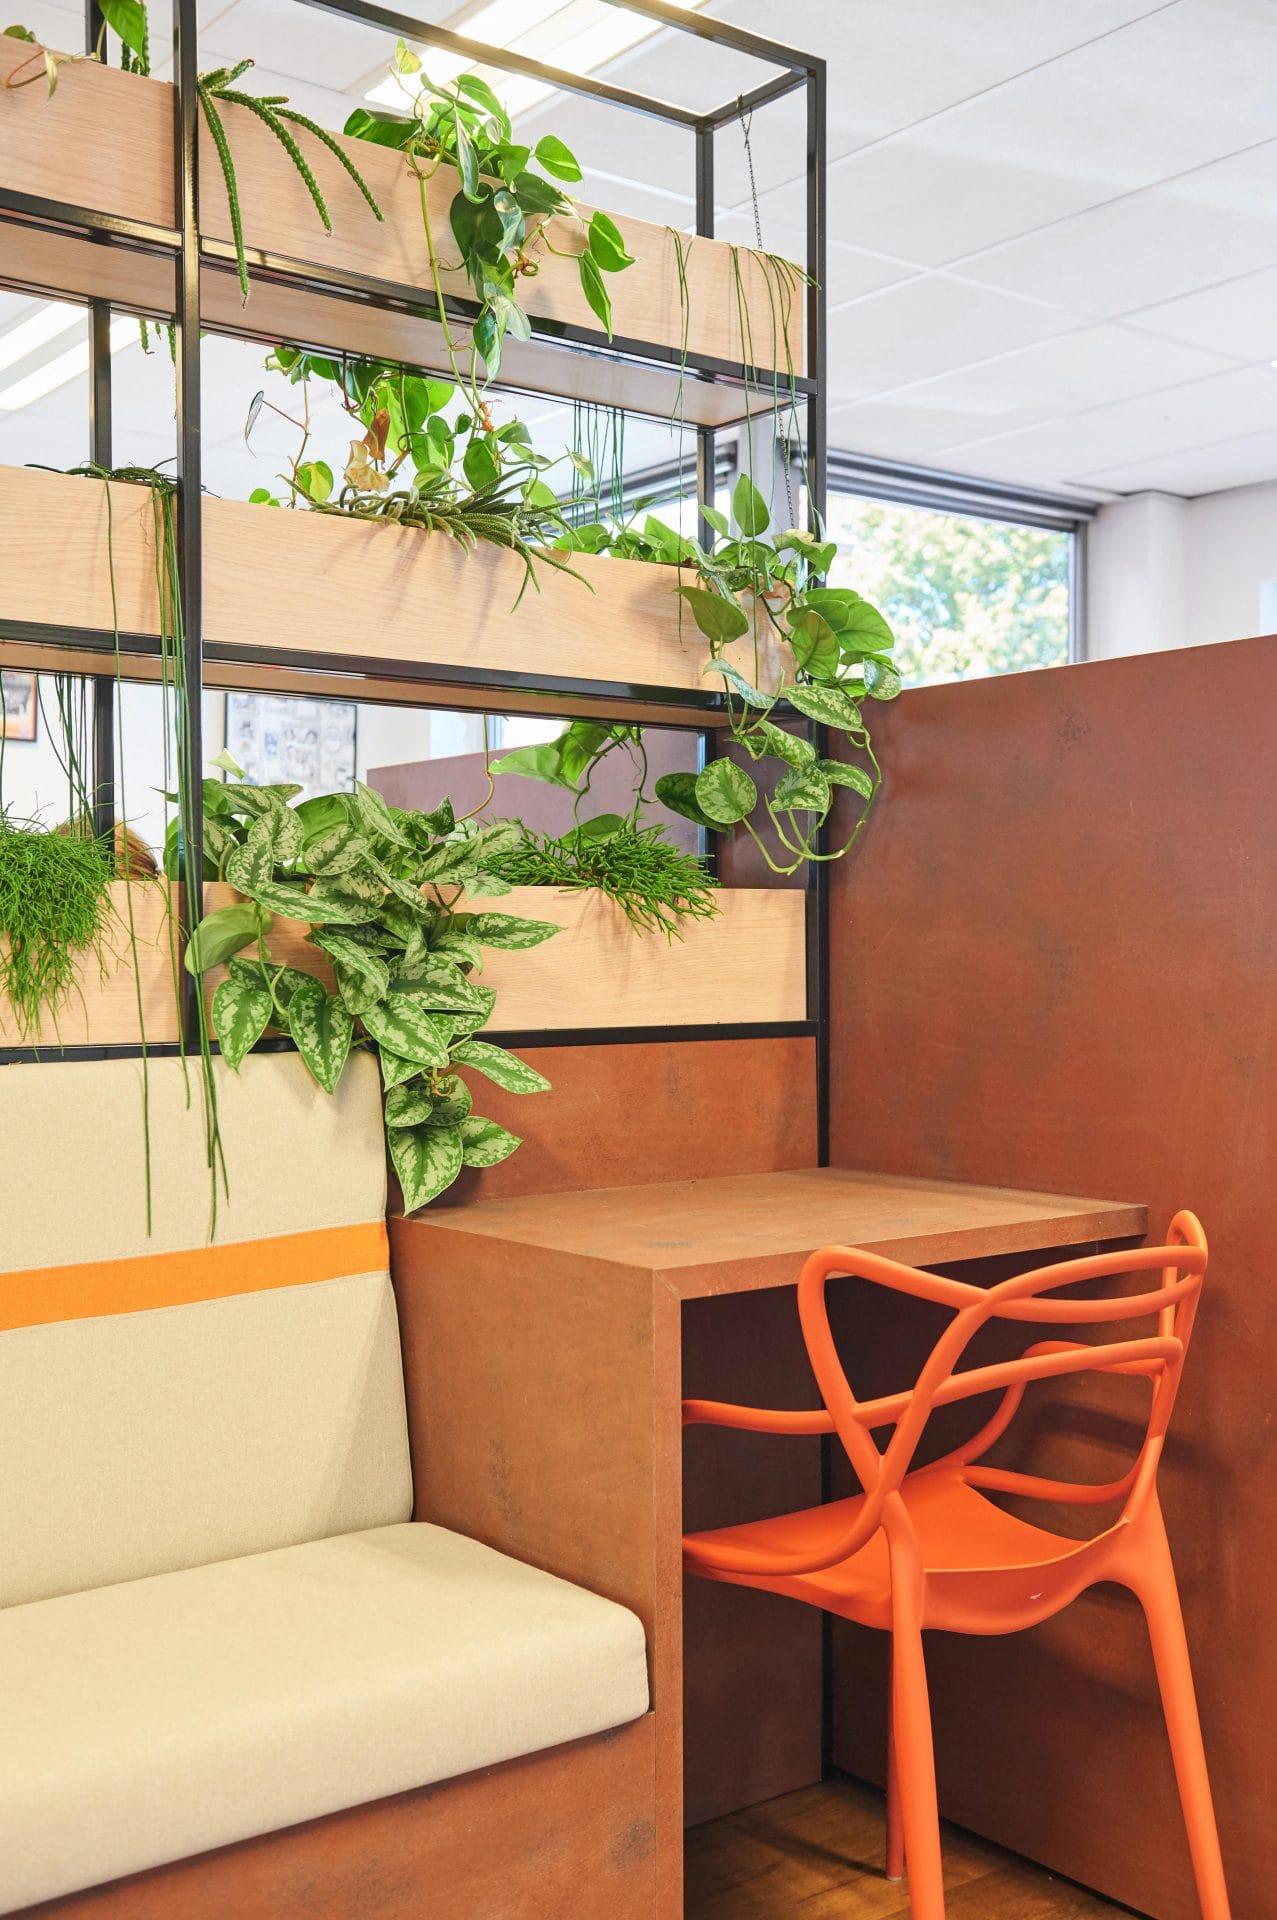 Kantoor Werktijd uitzendbureau - Favoriet Interieurontwerp